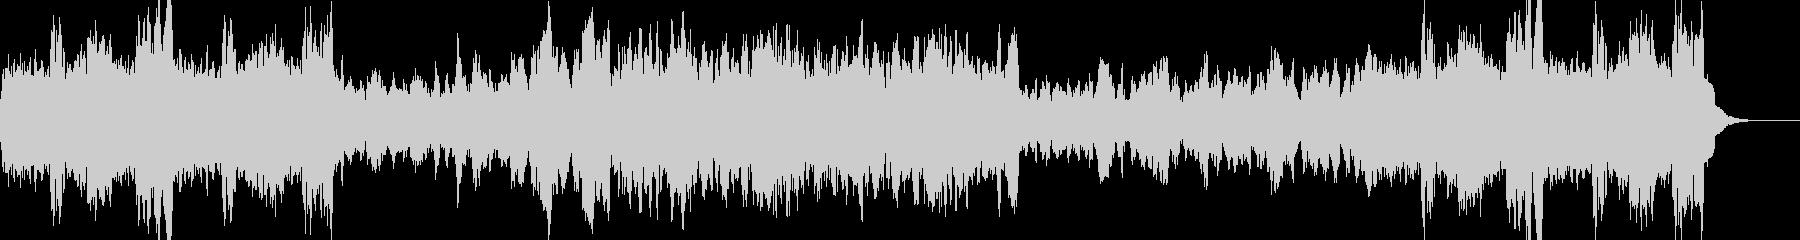 ジングルベル/オーケストラの未再生の波形